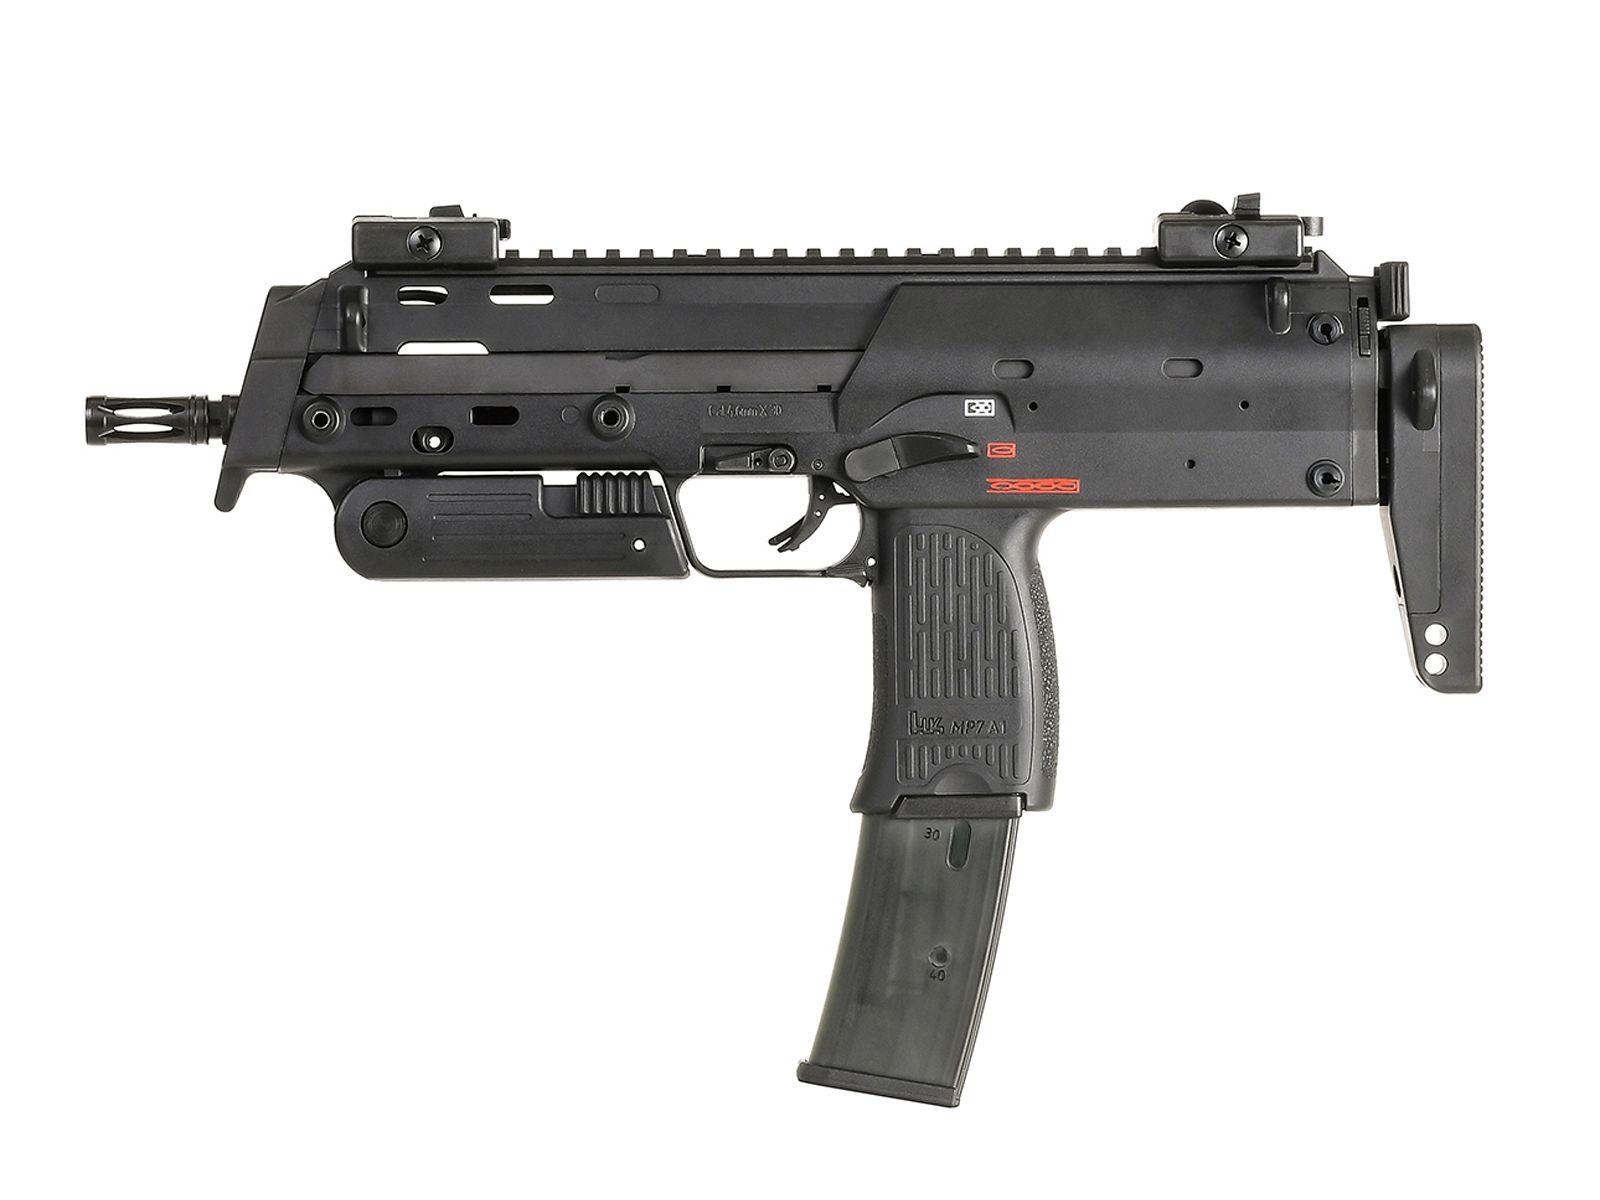 VF1J-LMP7-BK02